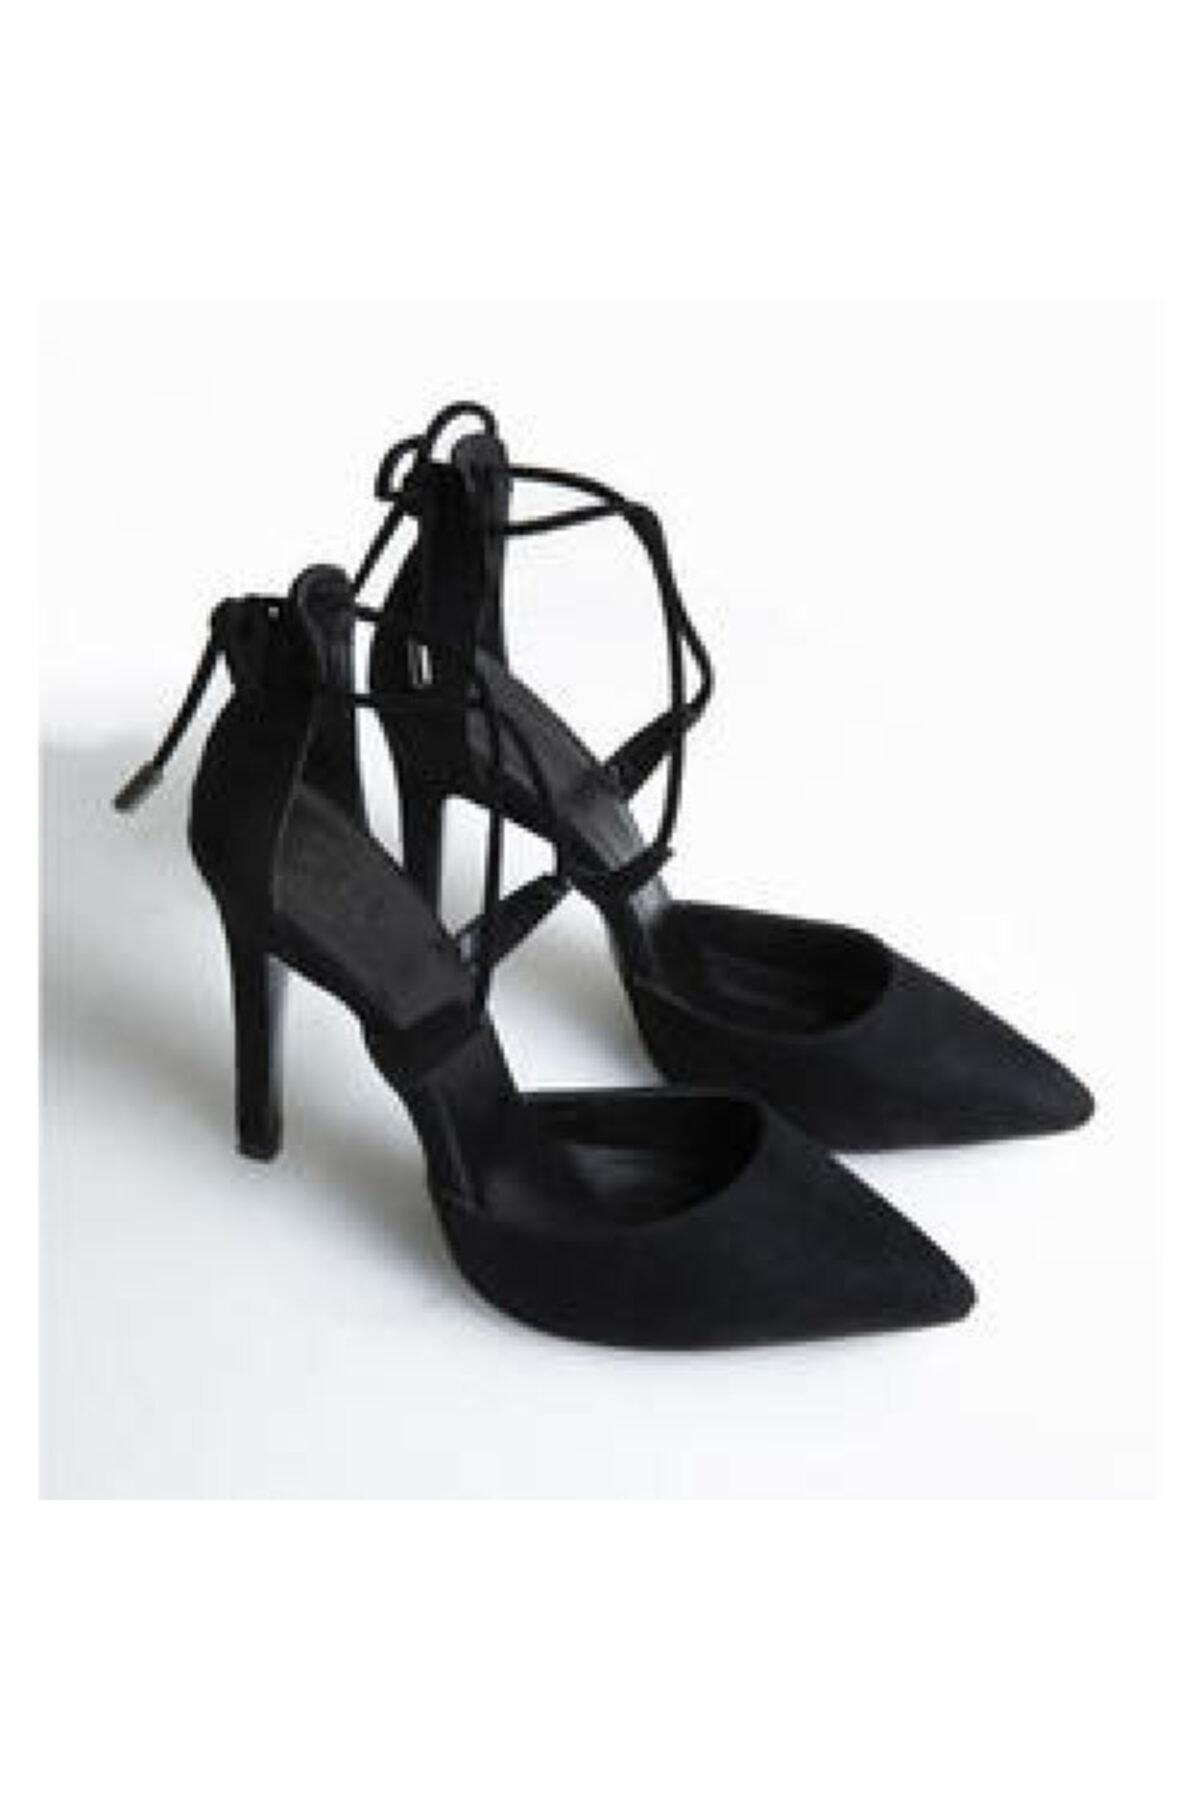 Manner Effect Canny Fine Sand Kadın Bej Topuklu Ayakkabı